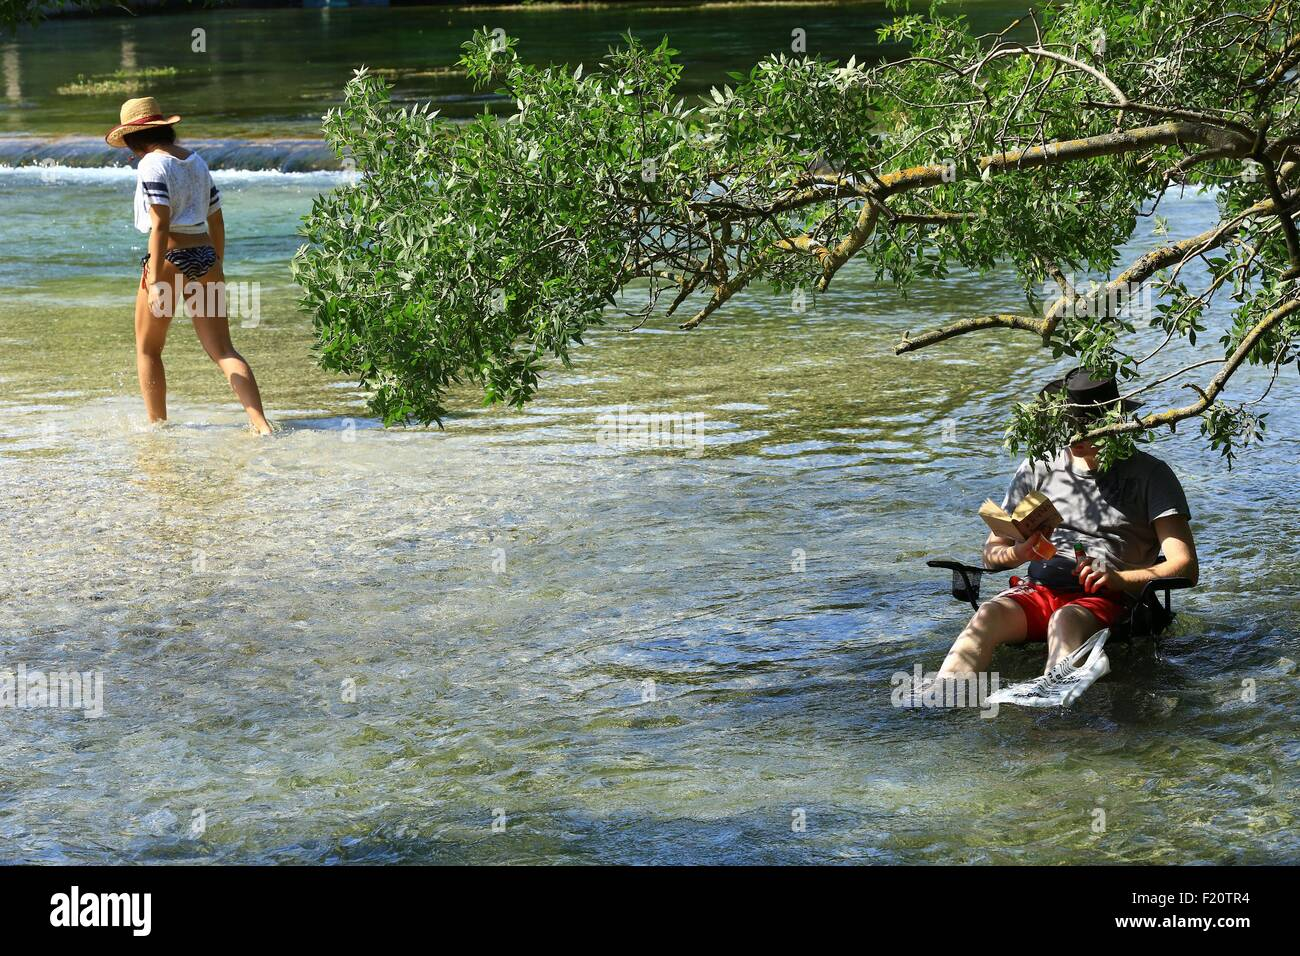 France, Vaucluse, L'Isle sur la Sorgue, the watershed - Stock Image